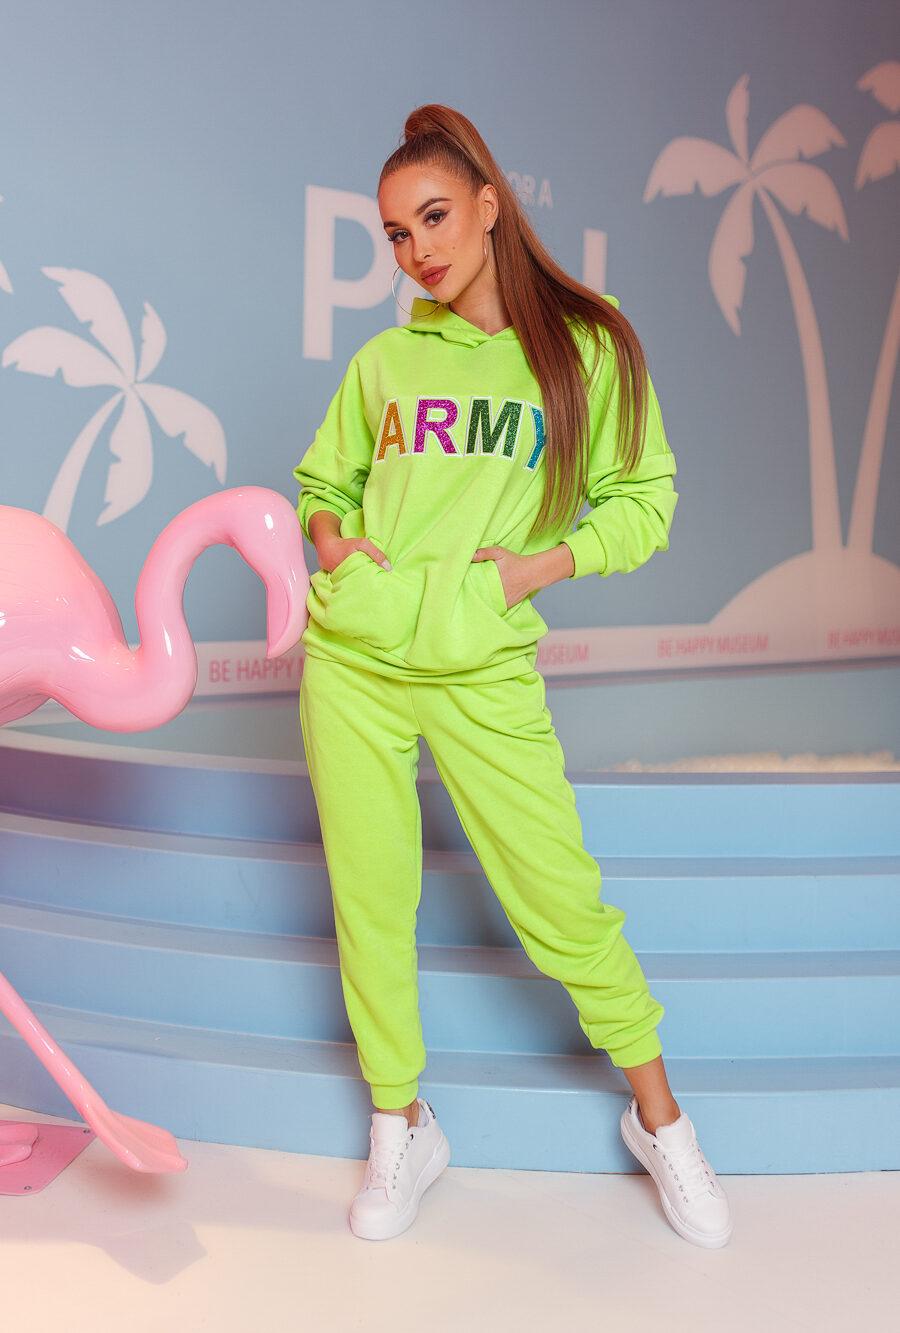 dres damski komplet spodnie bluza army jasny zielony (1)